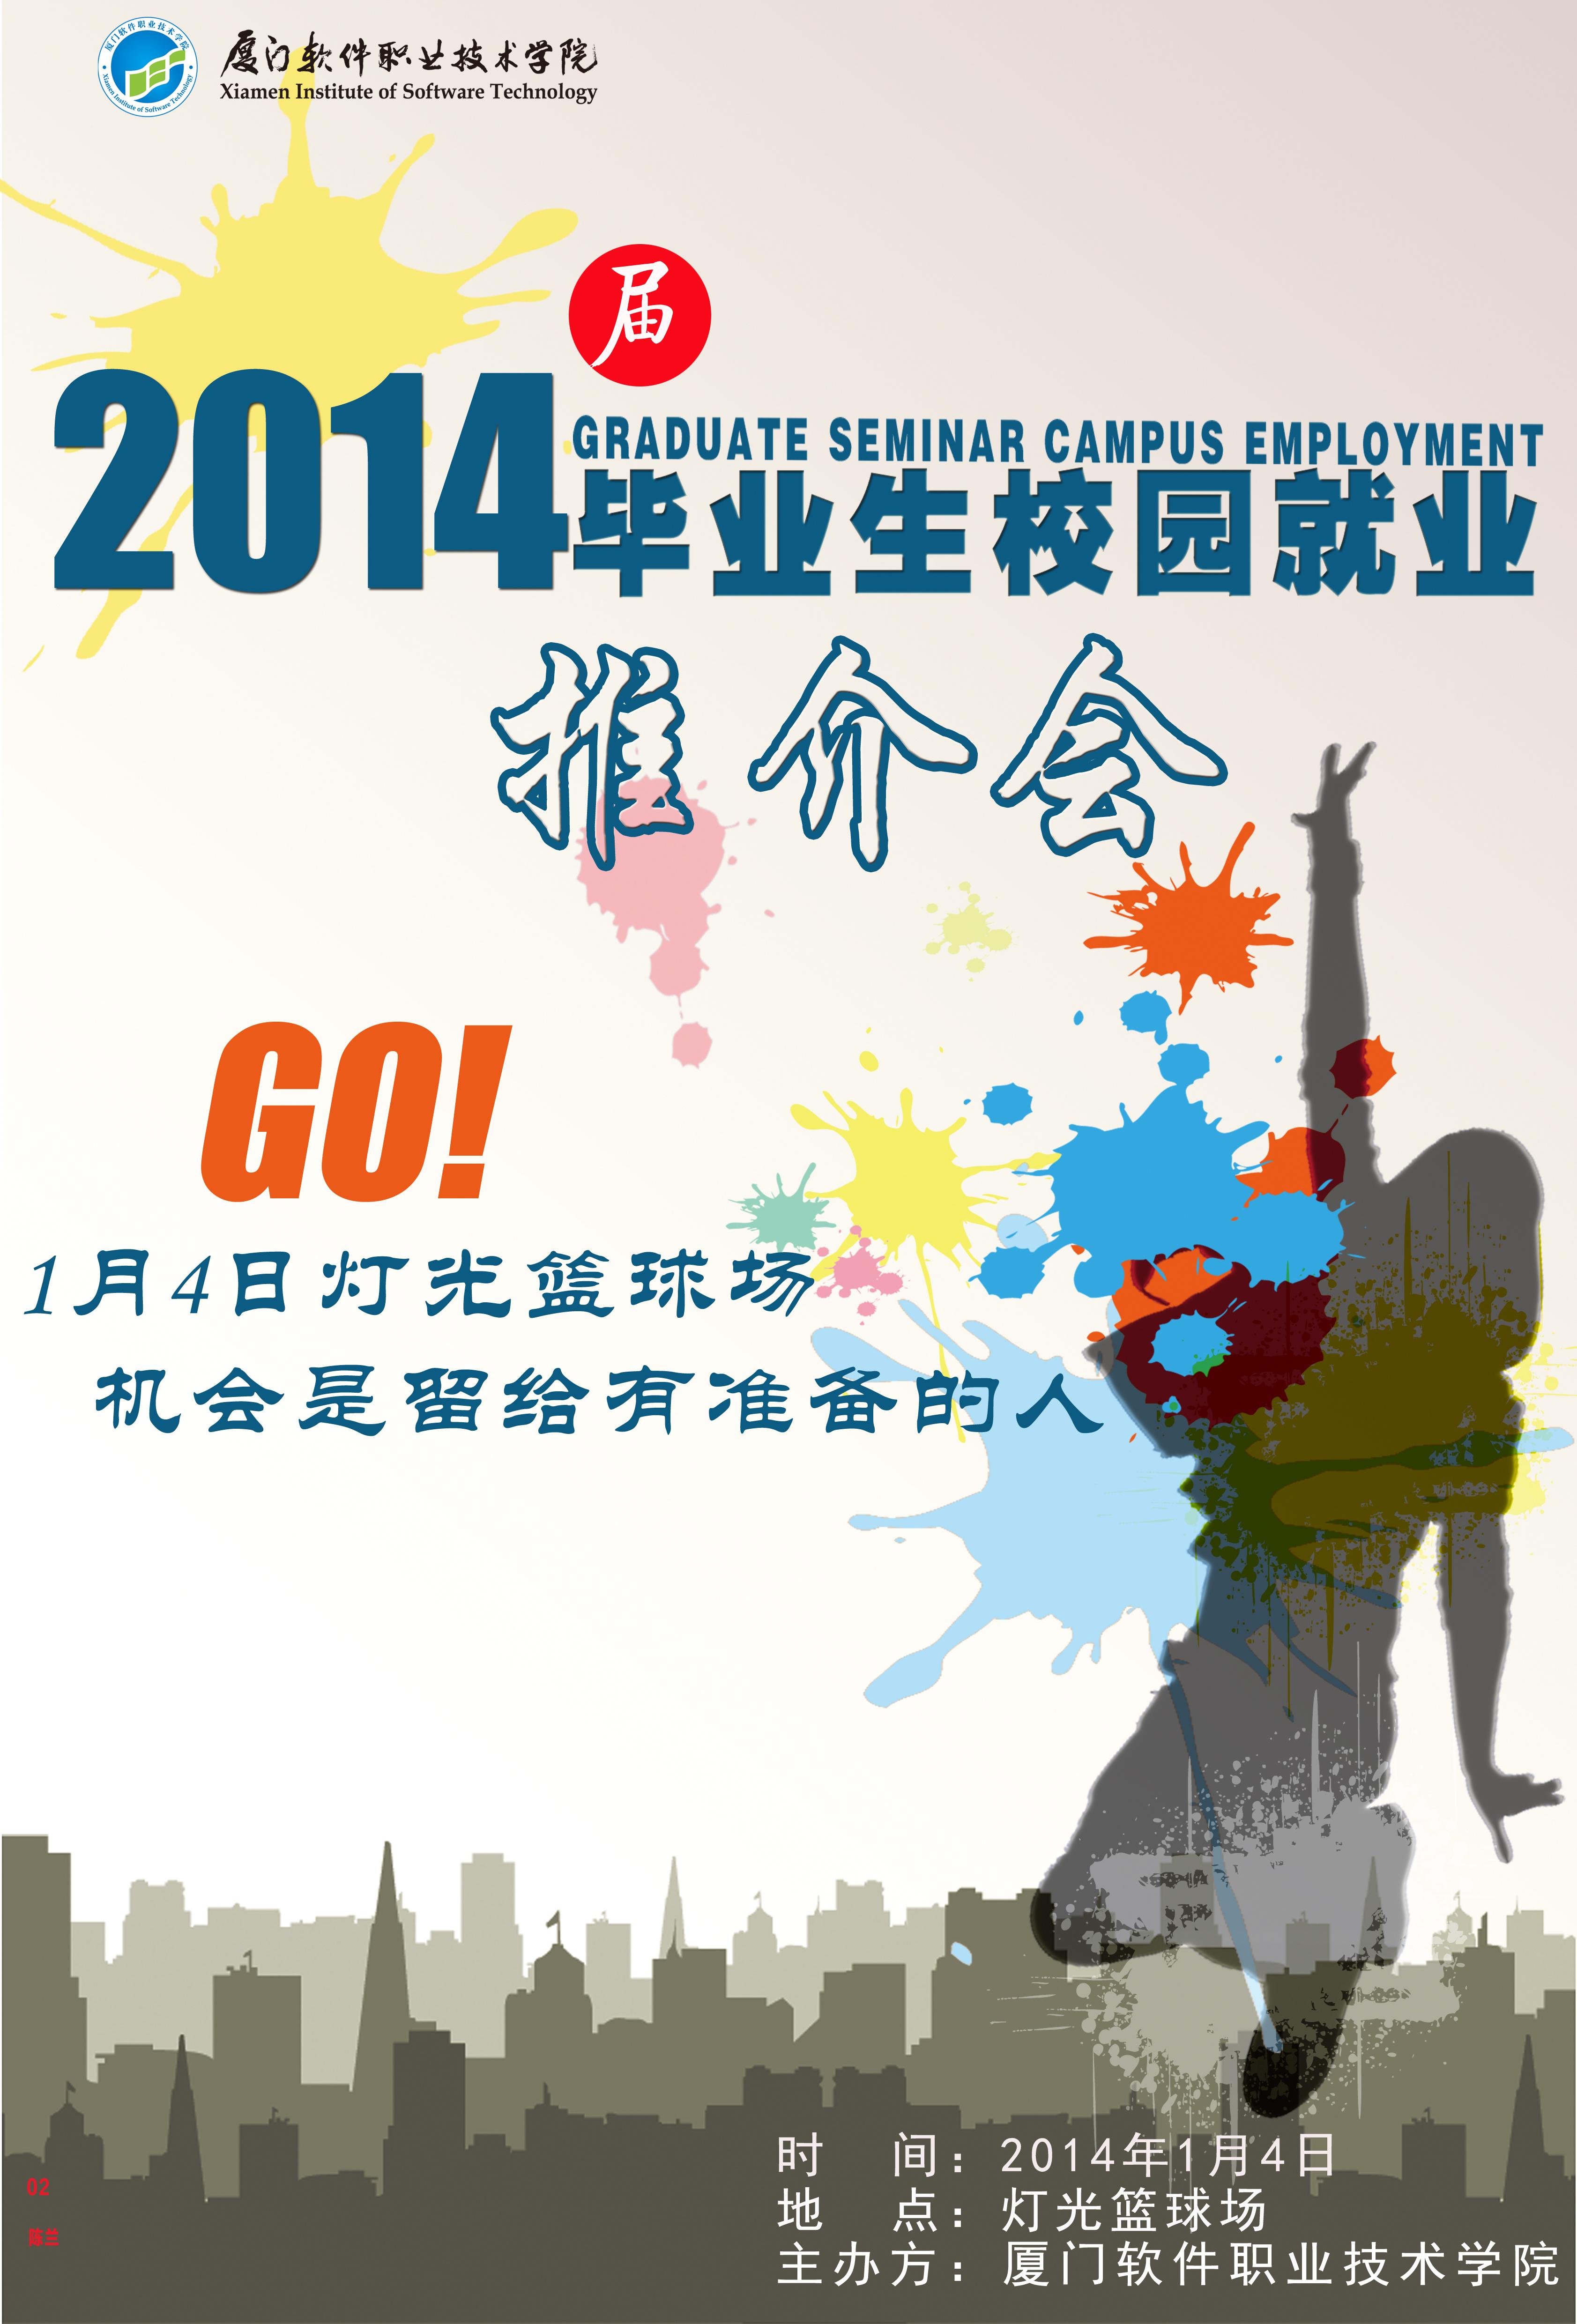 大一期末作业,大学生毕业推介会|平面|海报|霜湘湘